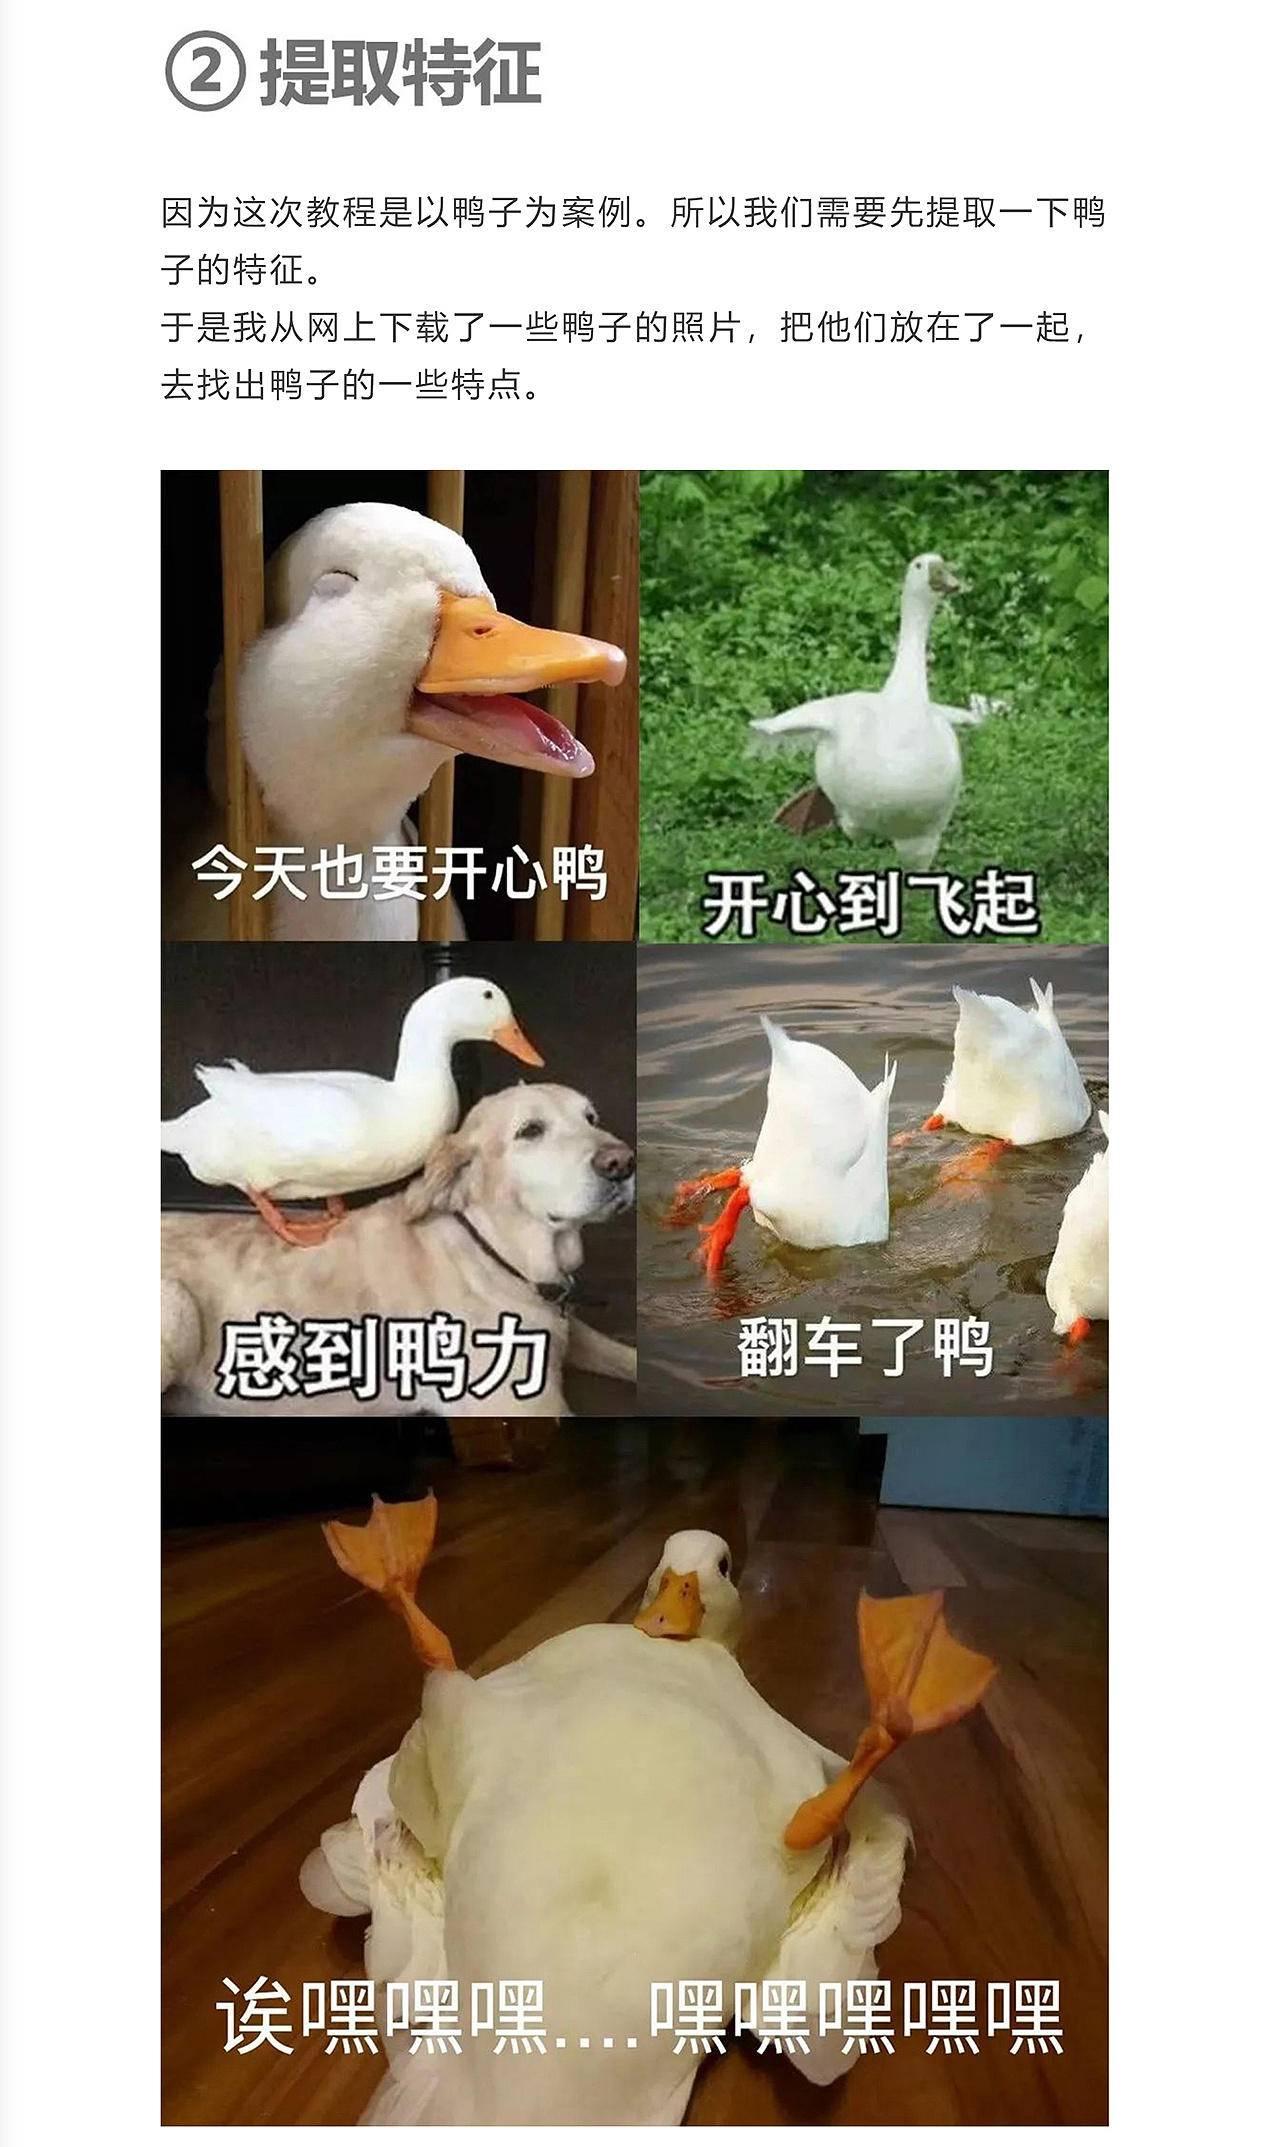 用三个几何图形画出5000只鸭子 - 插画教程